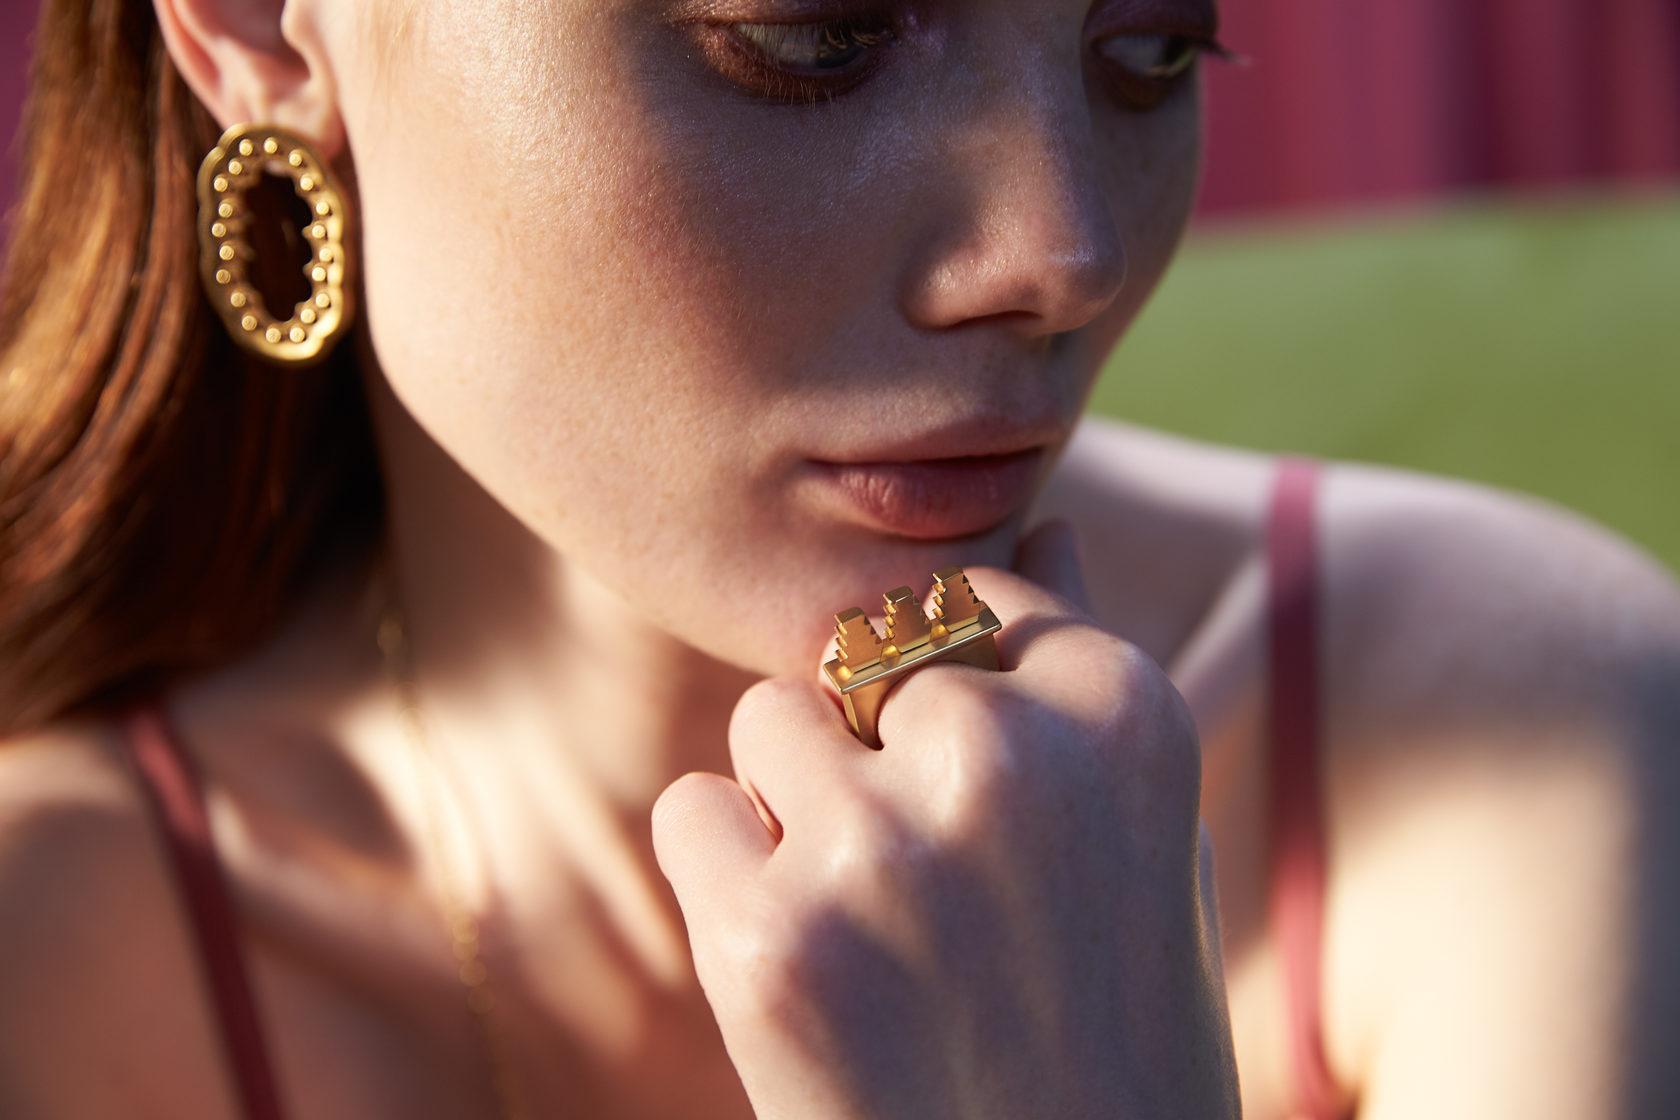 Крупные золотые, серебреные и позолоченные украшения. Кольцо, серьги. Впечатление, эгоизм, индивидуальность.